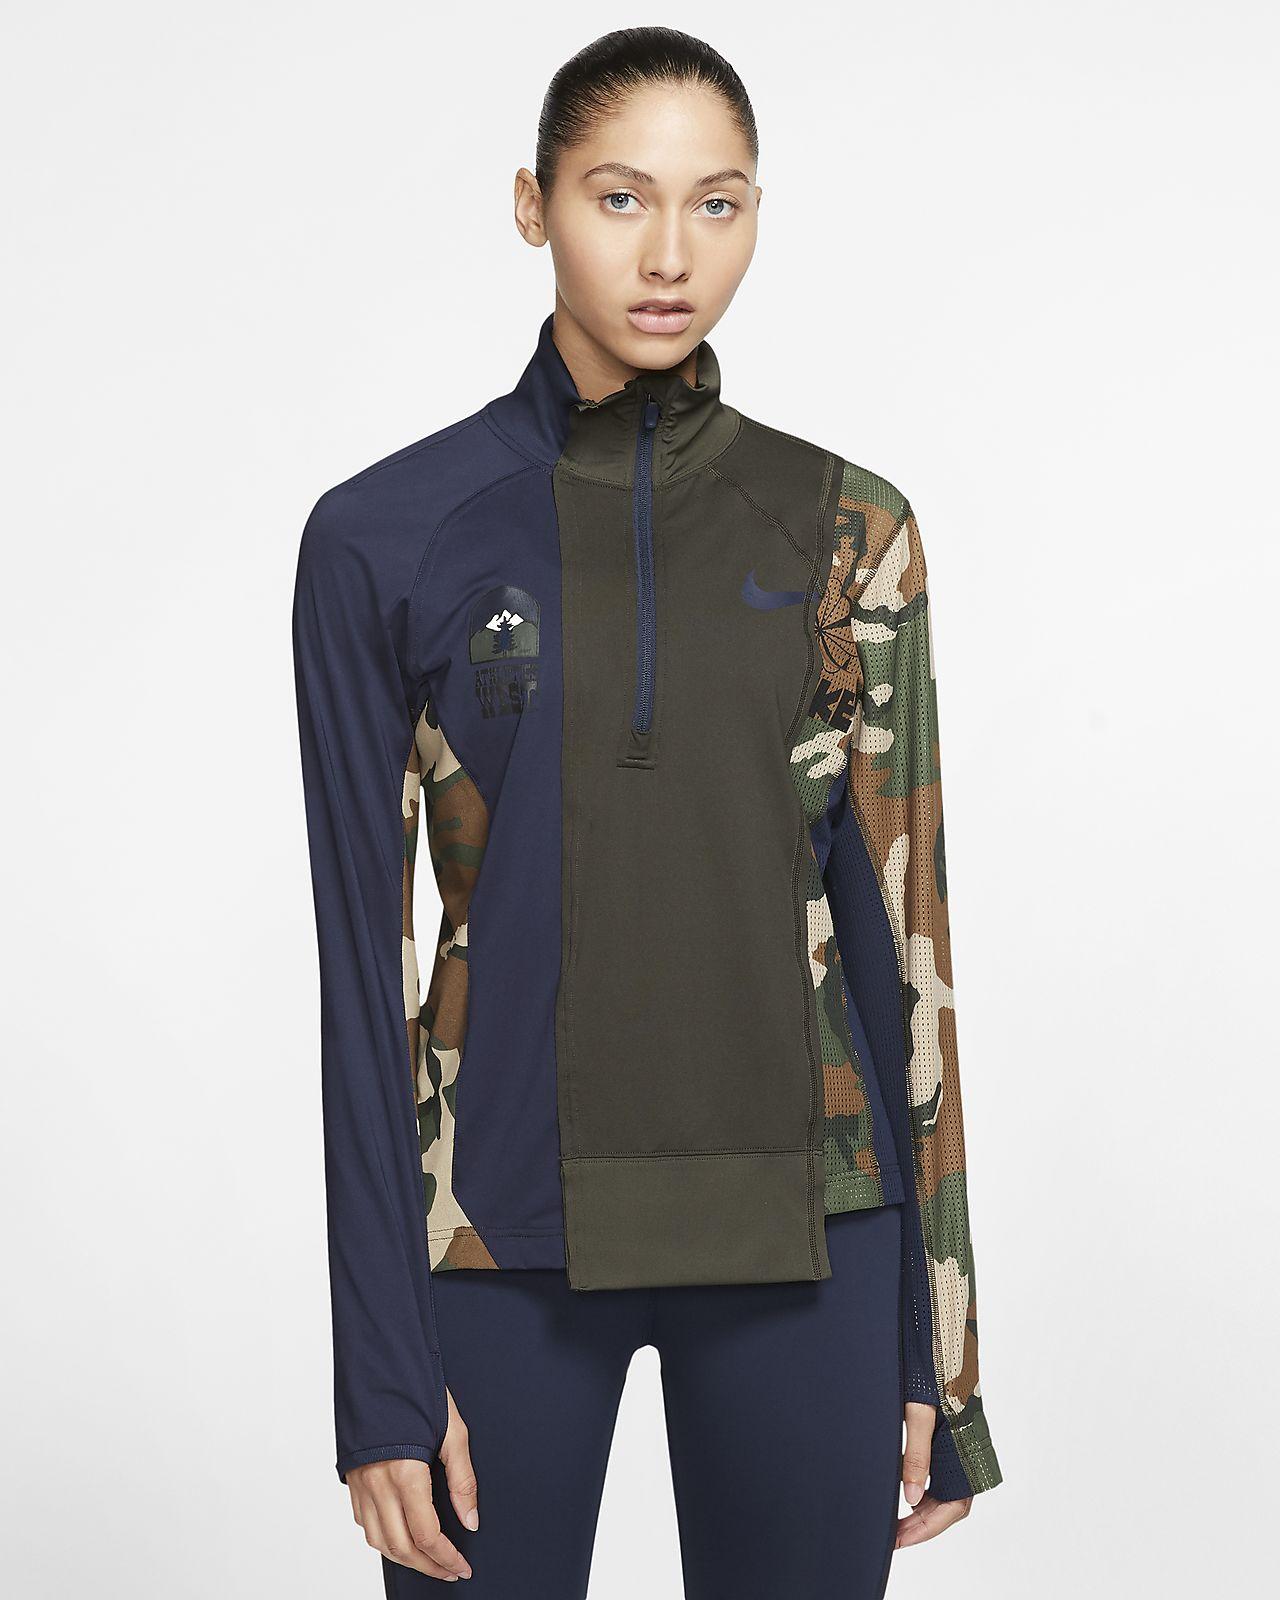 Löparjacka Nike x Sacai med blixtlås i halvlängd för kvinnor